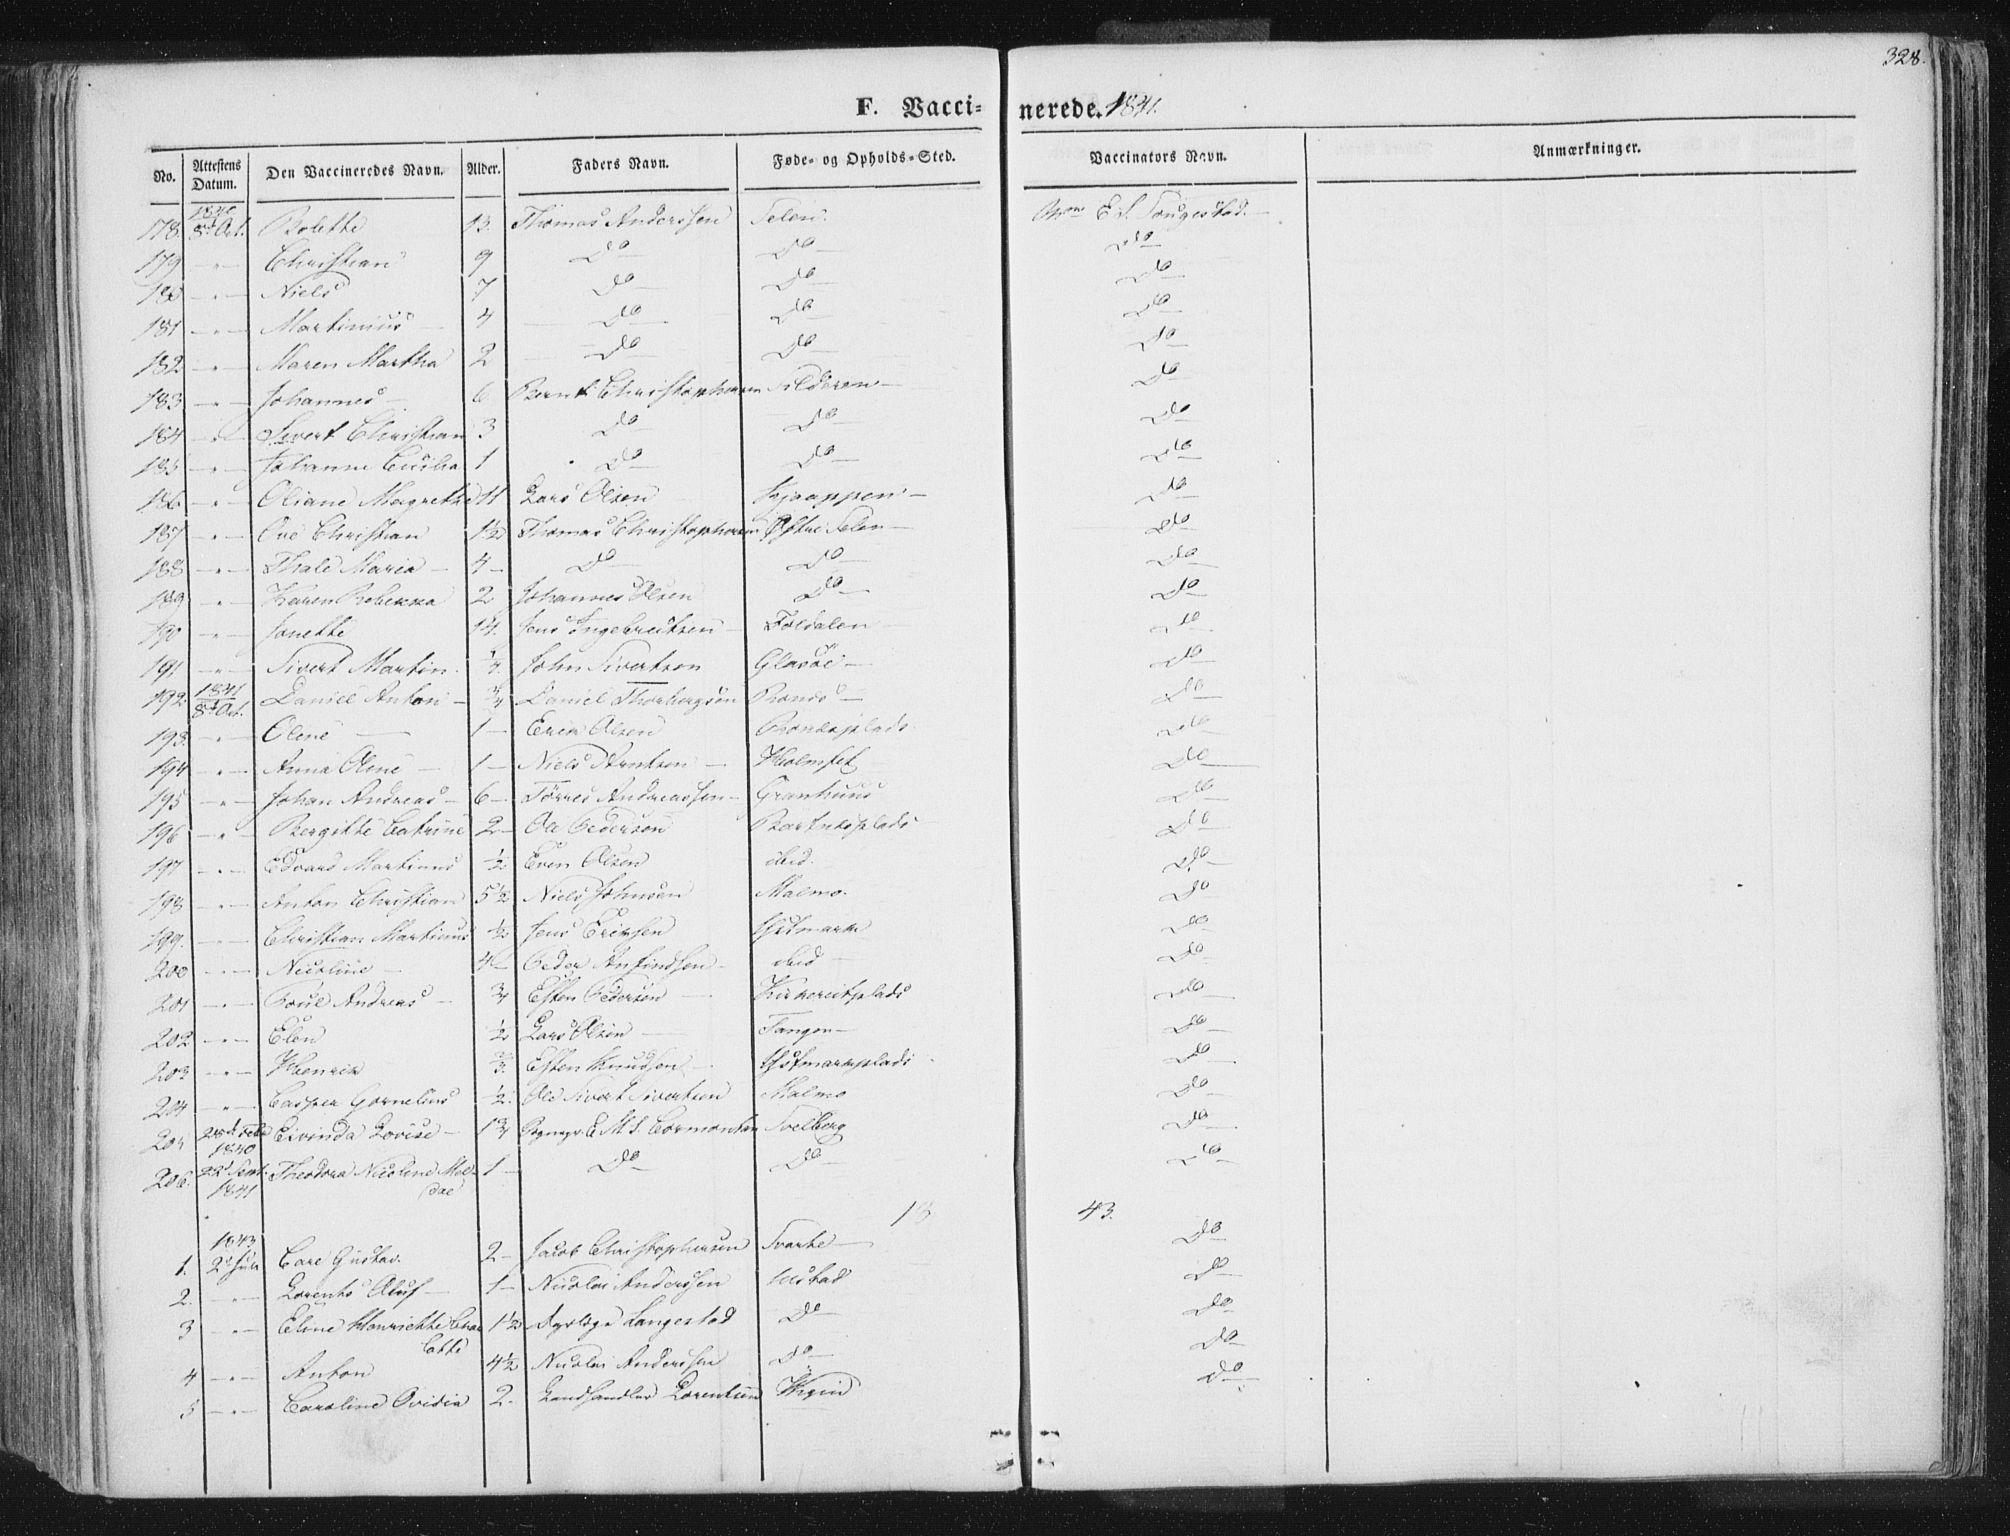 SAT, Ministerialprotokoller, klokkerbøker og fødselsregistre - Nord-Trøndelag, 741/L0392: Ministerialbok nr. 741A06, 1836-1848, s. 328